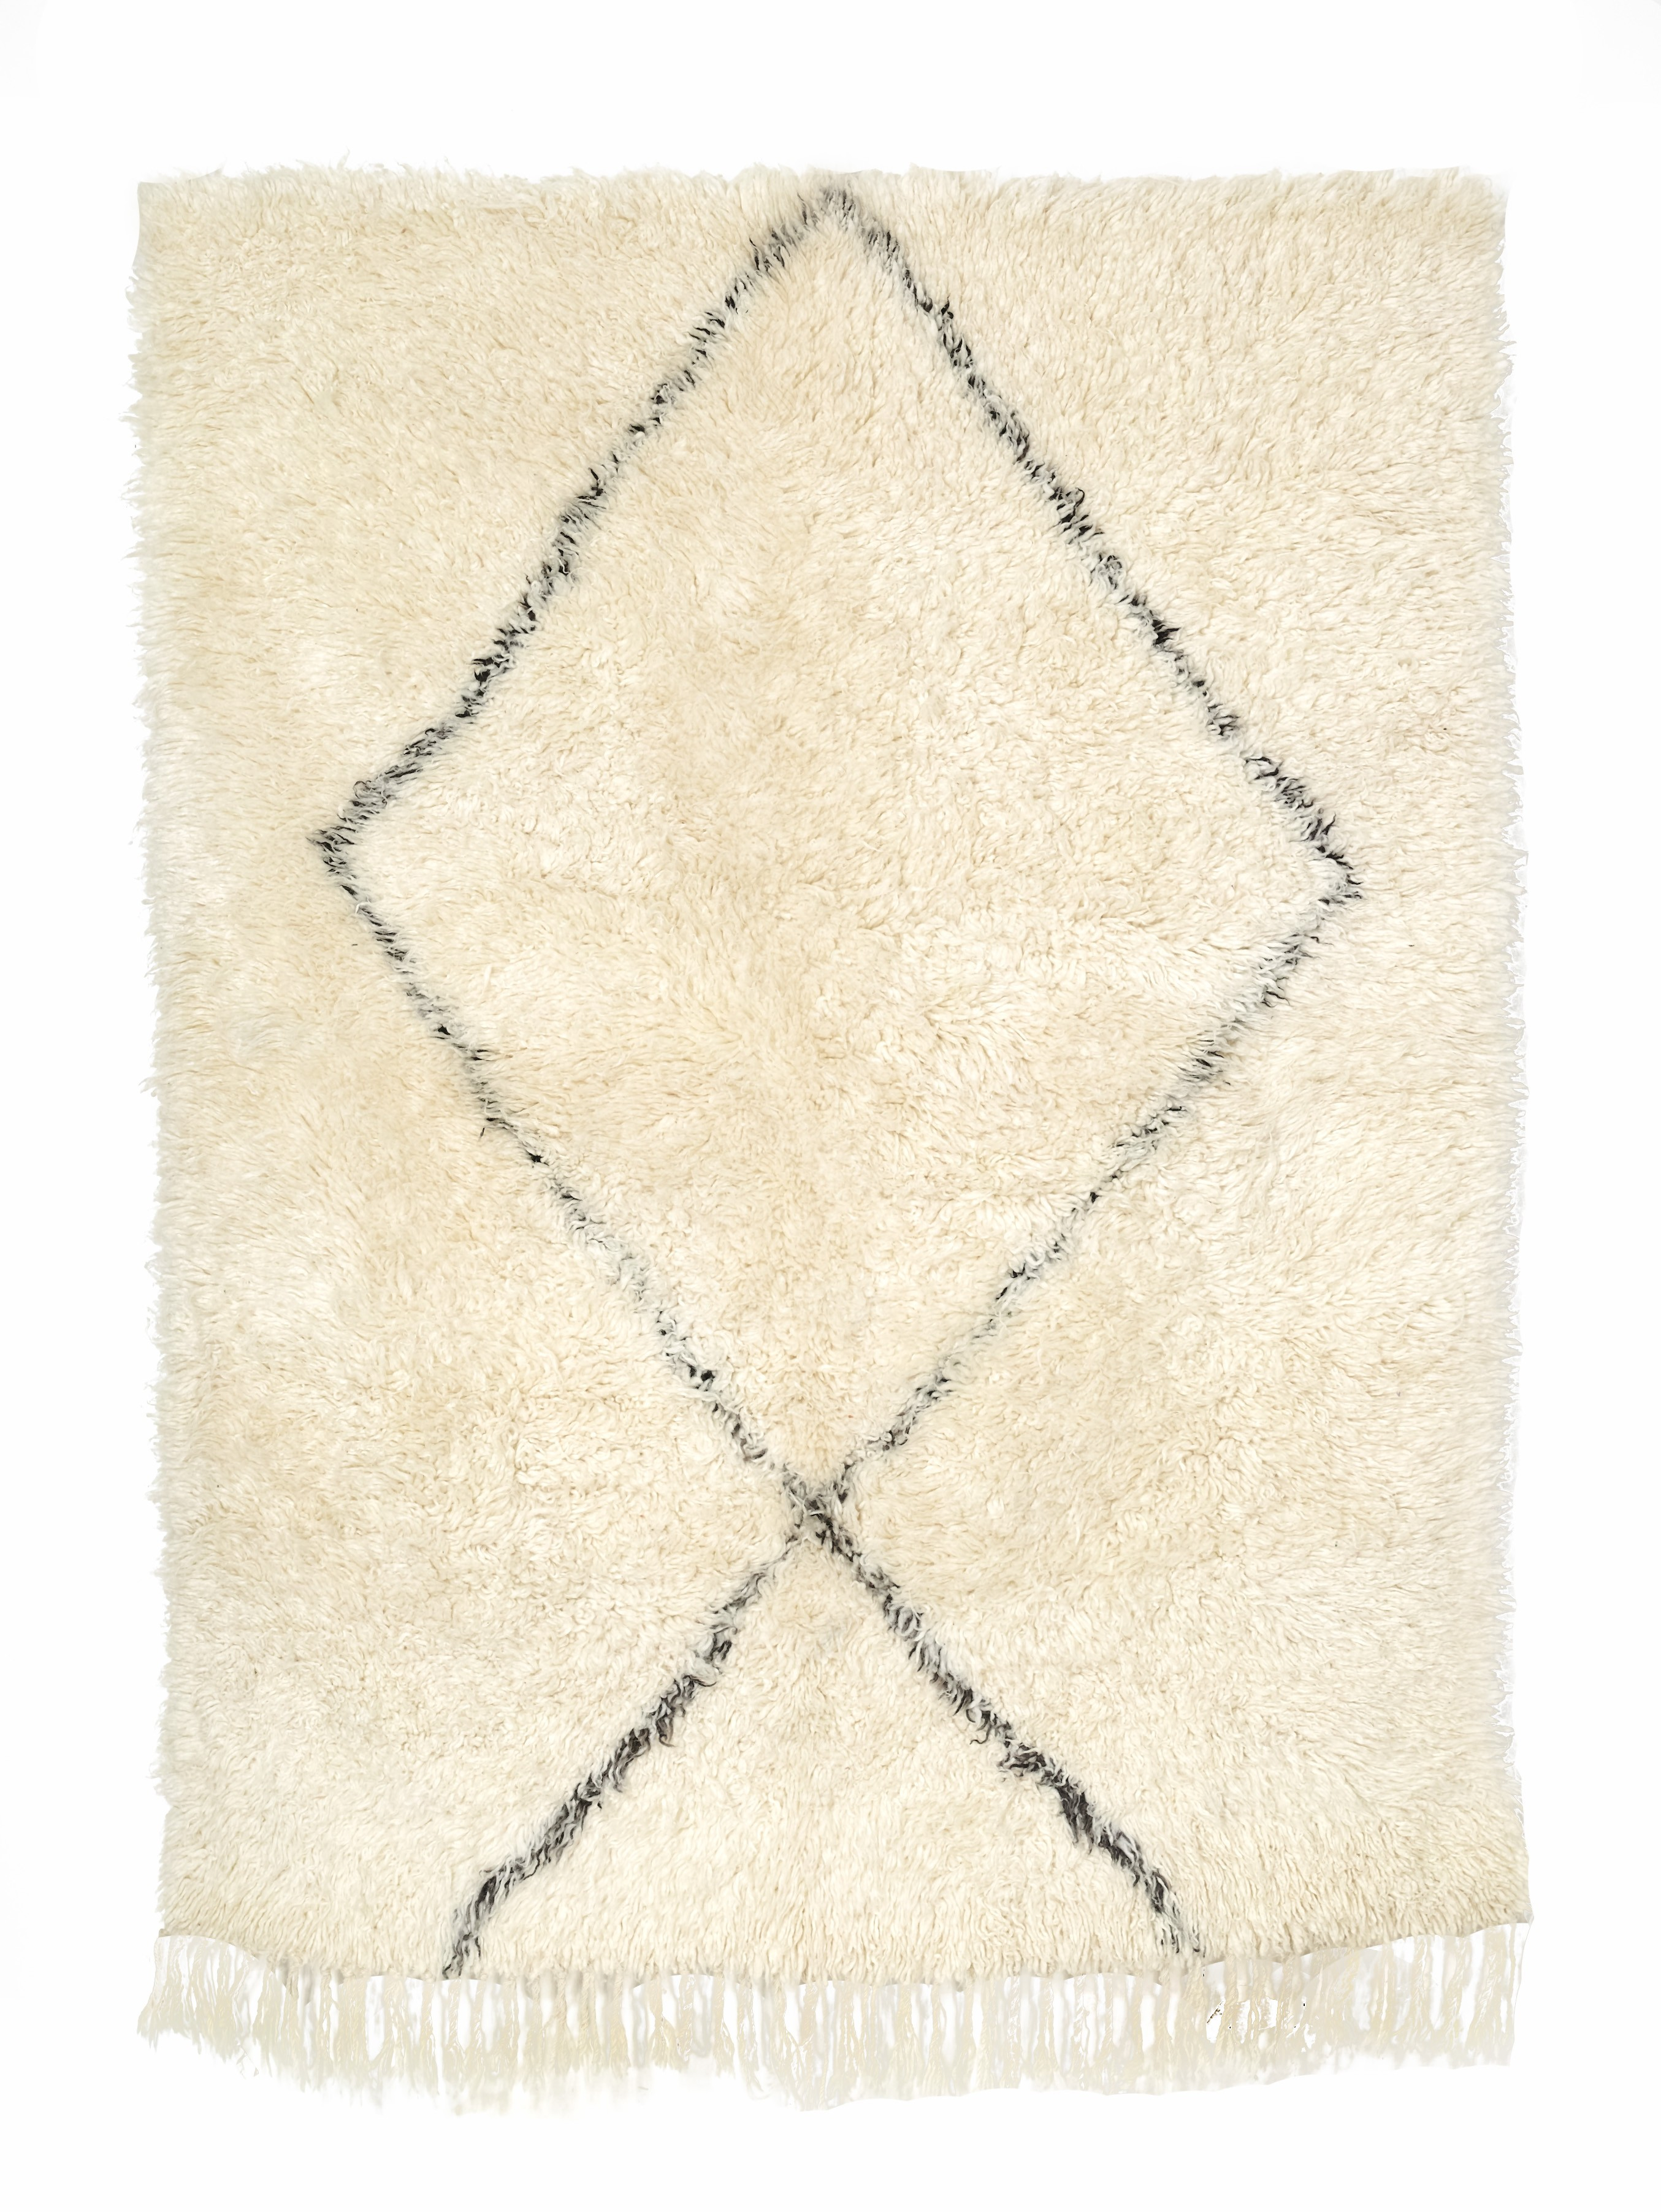 TAPIS BERBERE MARMOUCHA 210 x 150 cm